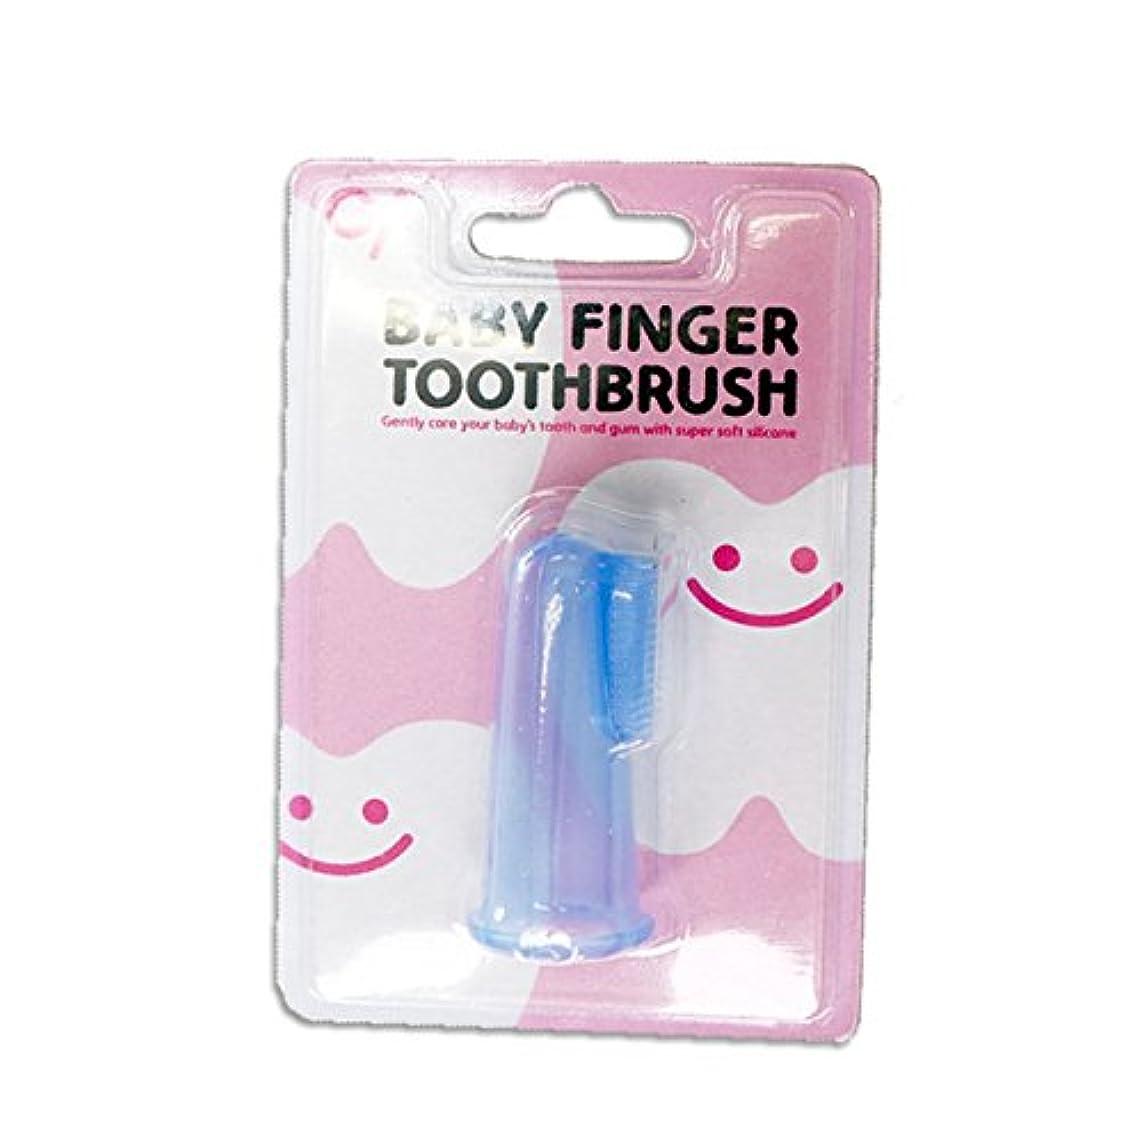 逆説パターンマイクロプロセッサベビーフィンガートゥースブラッシュ ベビーフィンガー歯ブラシ 12個入り BABY FINGER TOOTHBRUSH